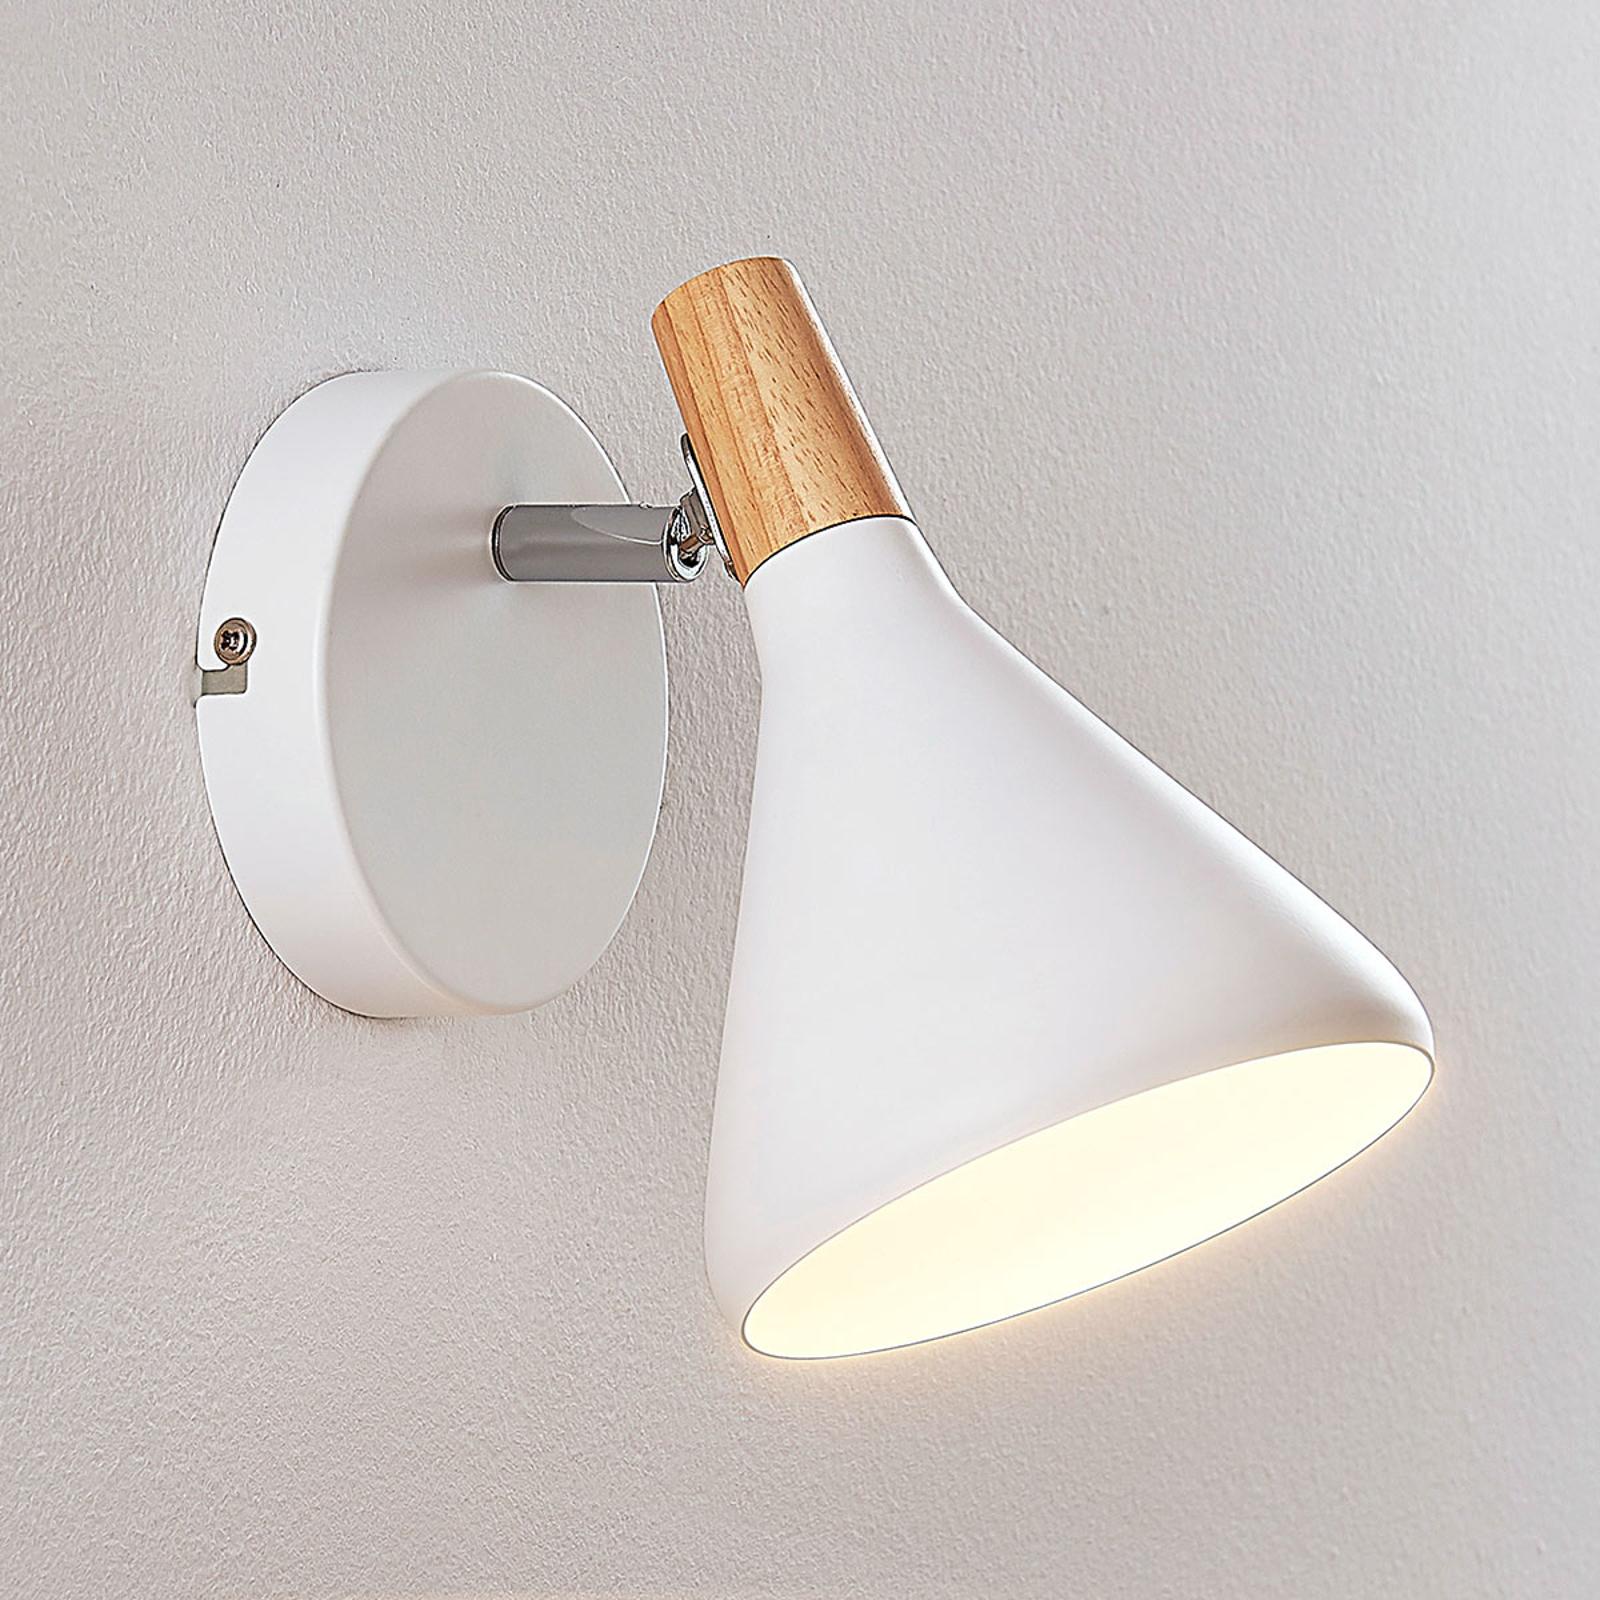 LED-Wandleuchte Arina in Weiß, 1-flammig